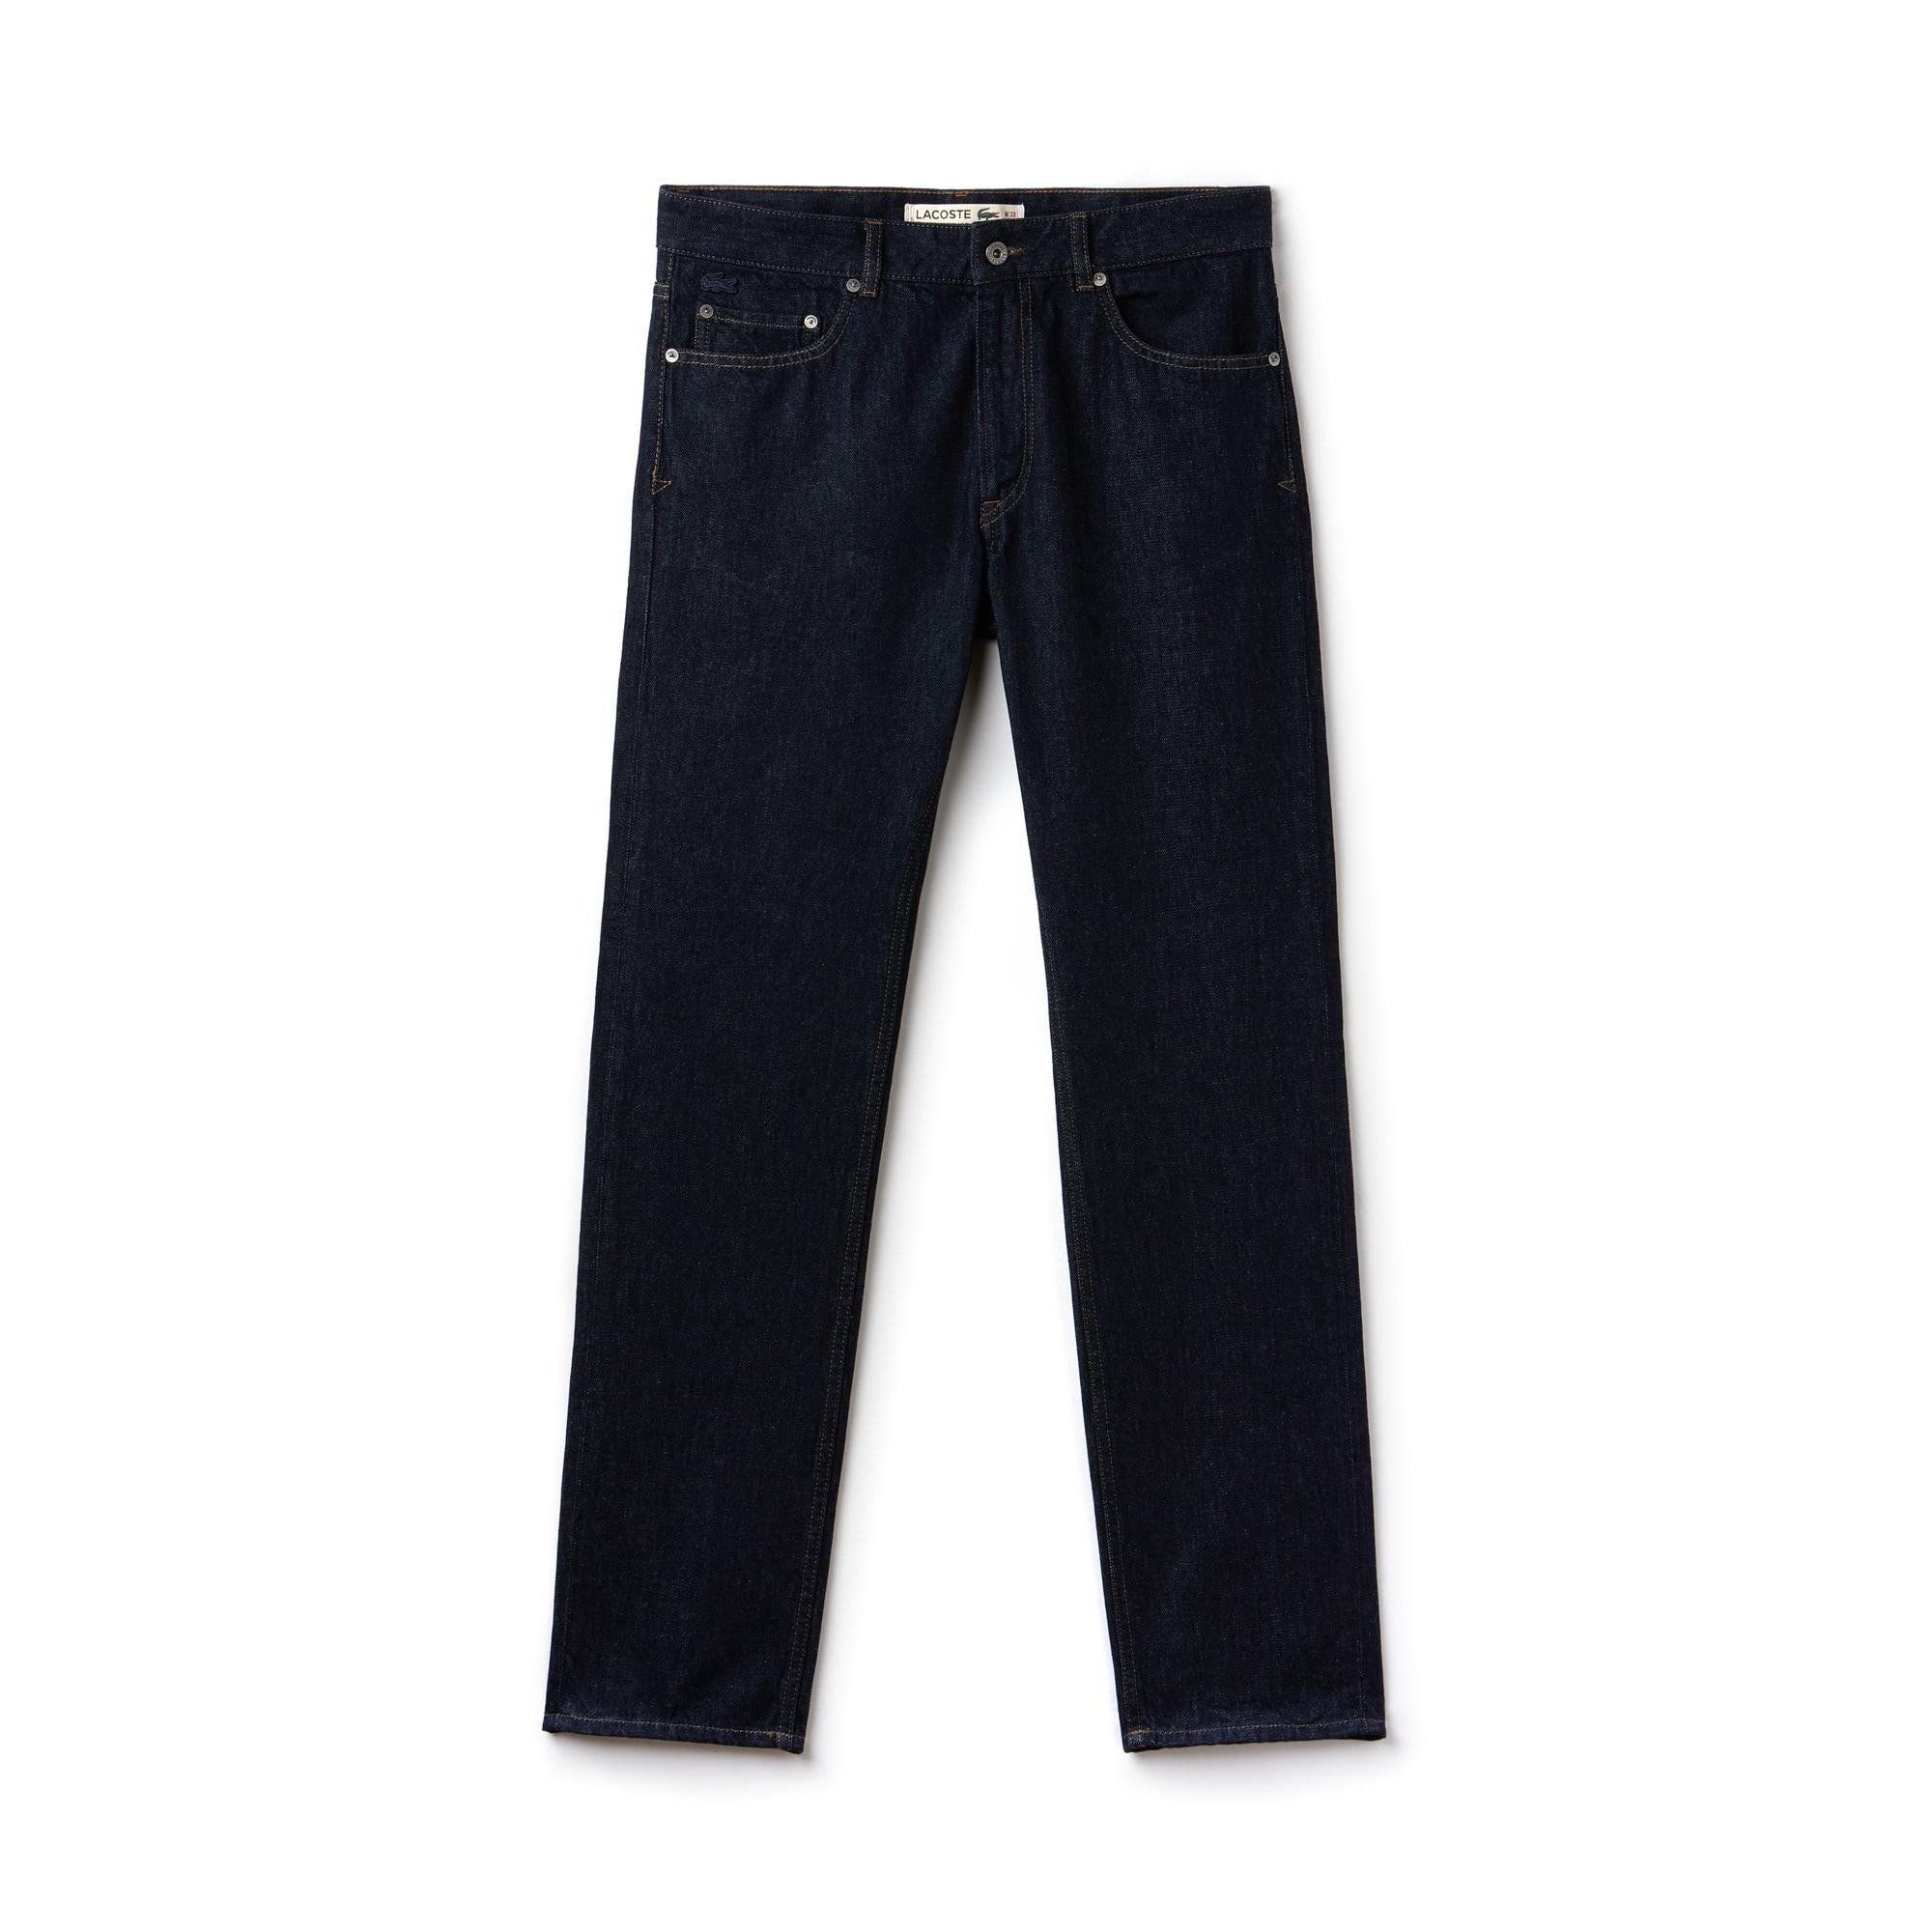 Regular Fit Herren-Jeans aus Baumwoll-Denim mit 5 Taschen